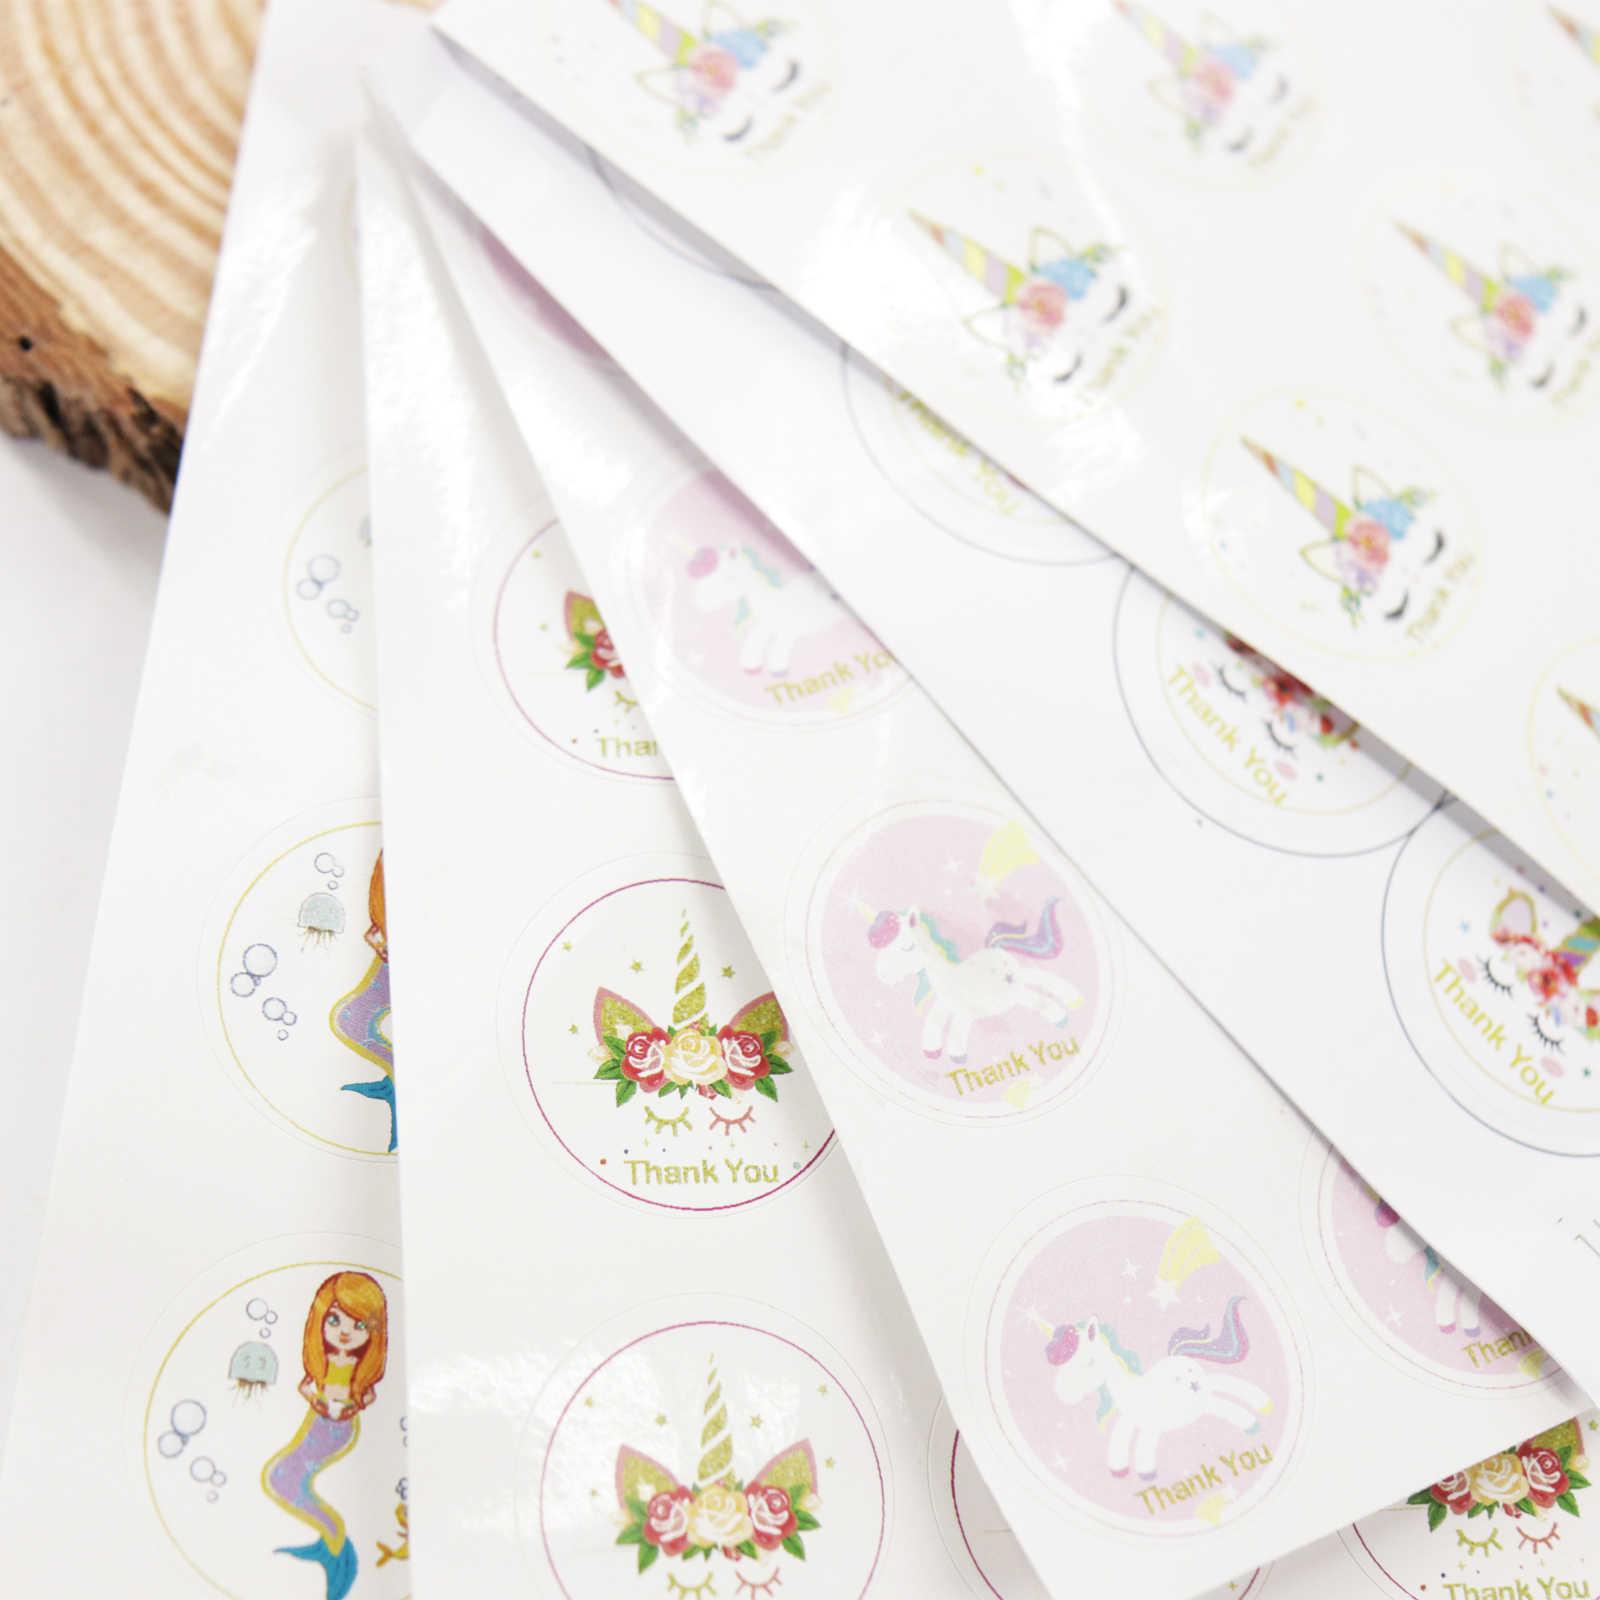 12 pçs/lote Unicórnio Sereia Saco de Embalagem de Alimentos Caixa de Presente de Chocolate Caixa De Presente Adesivos DIY Presentes Etiqueta Decorações Da Festa de Aniversário